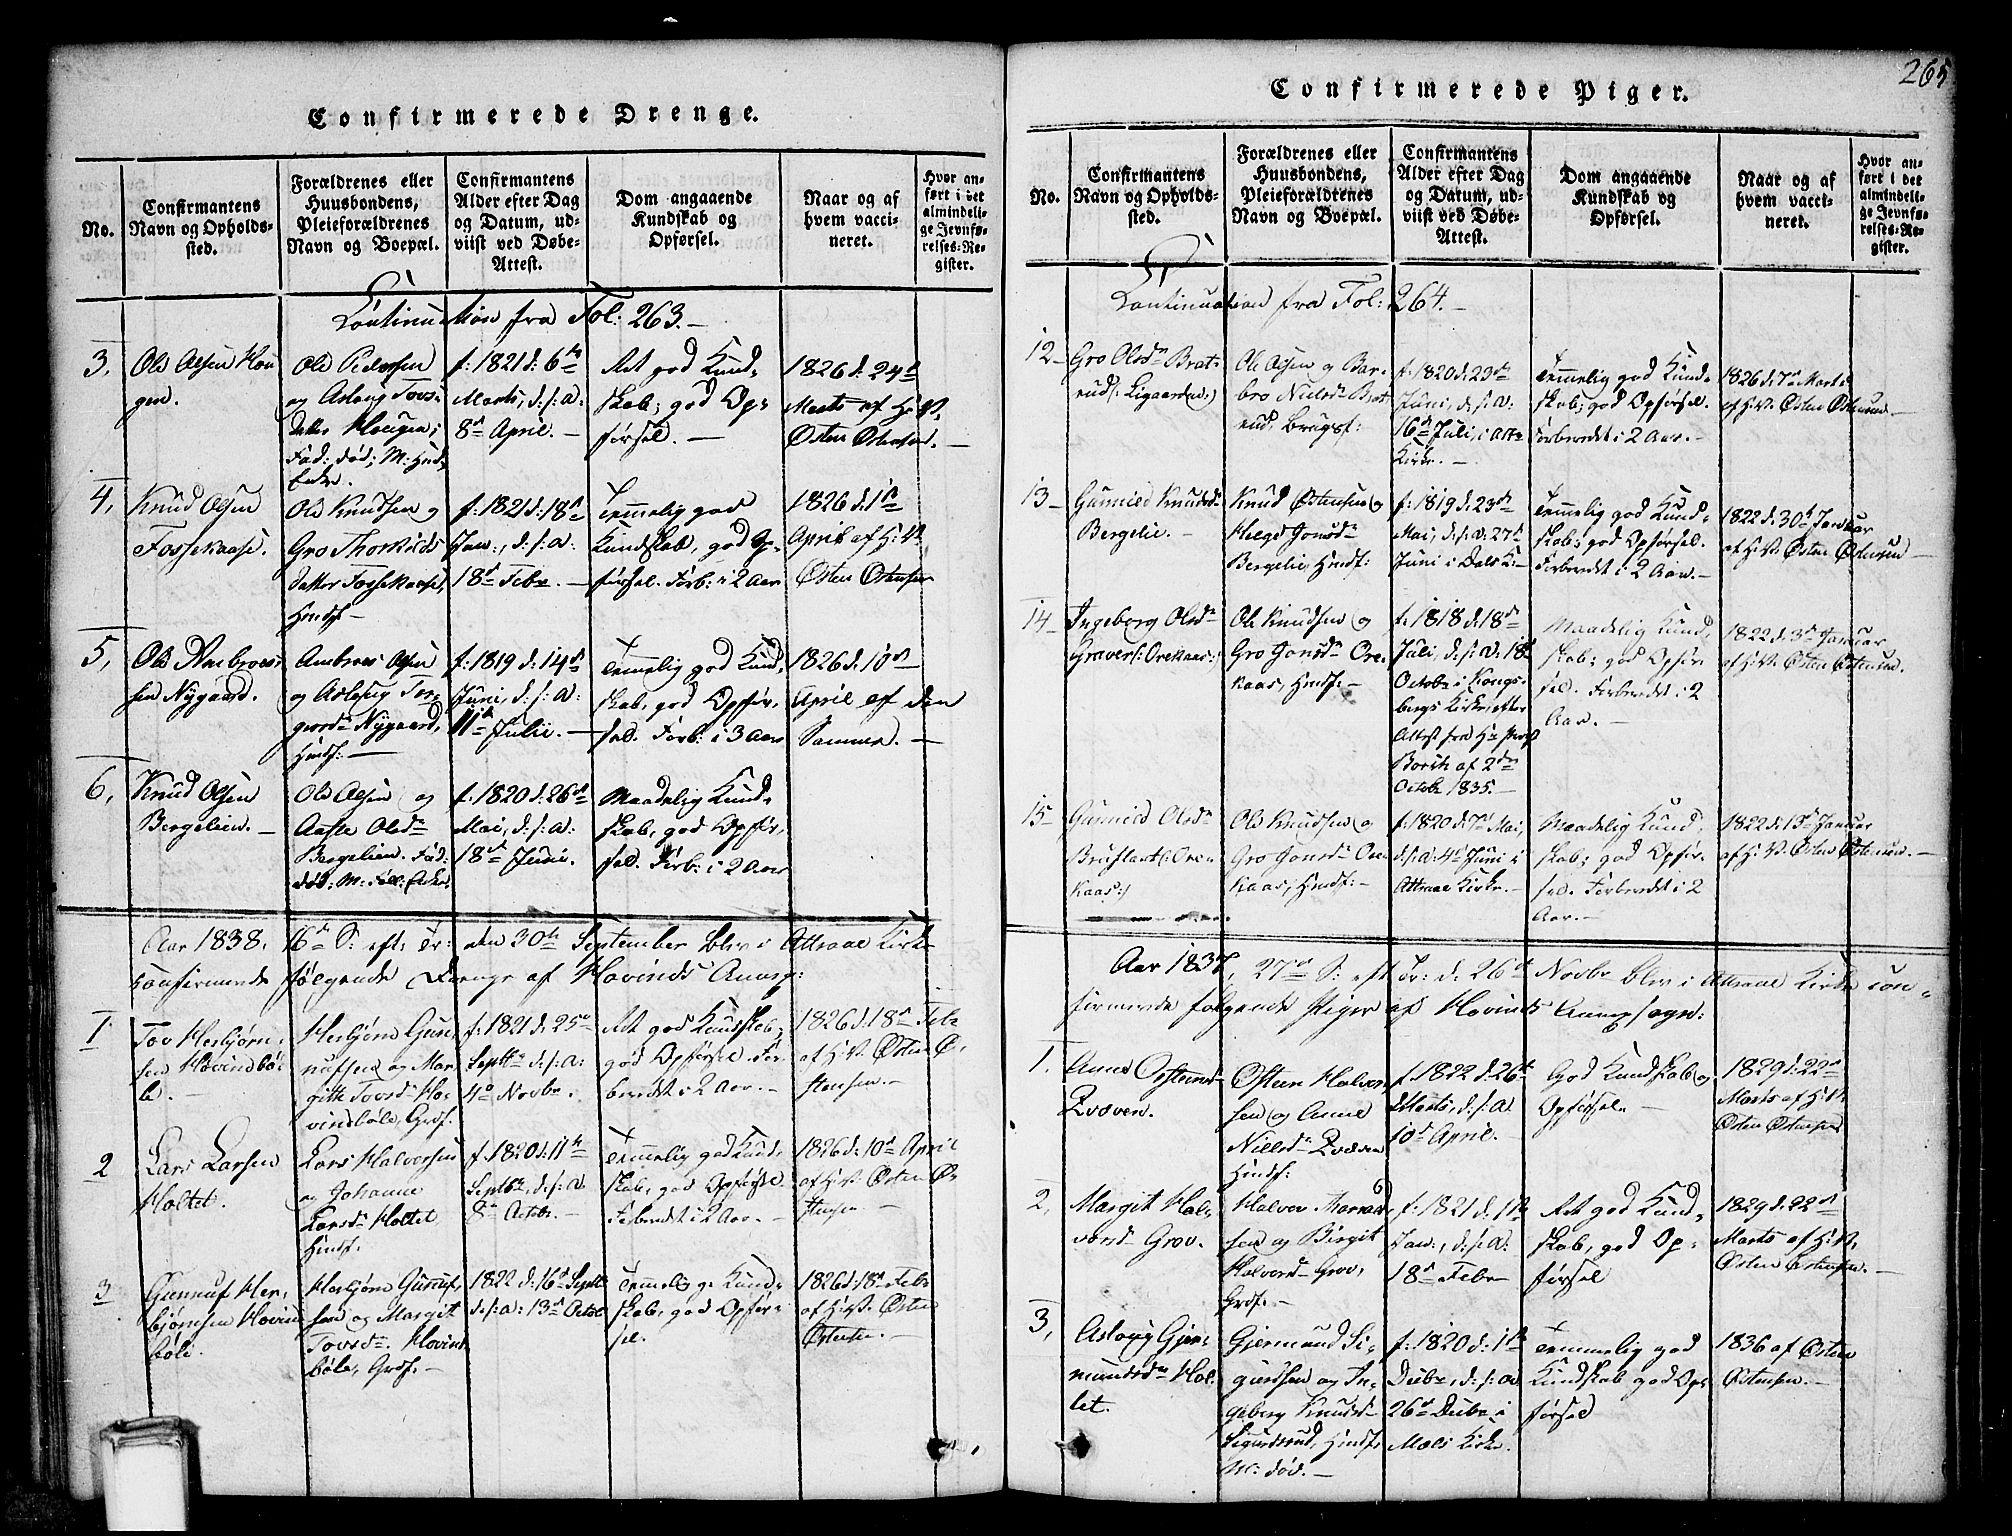 SAKO, Gransherad kirkebøker, G/Gb/L0001: Klokkerbok nr. II 1, 1815-1860, s. 265